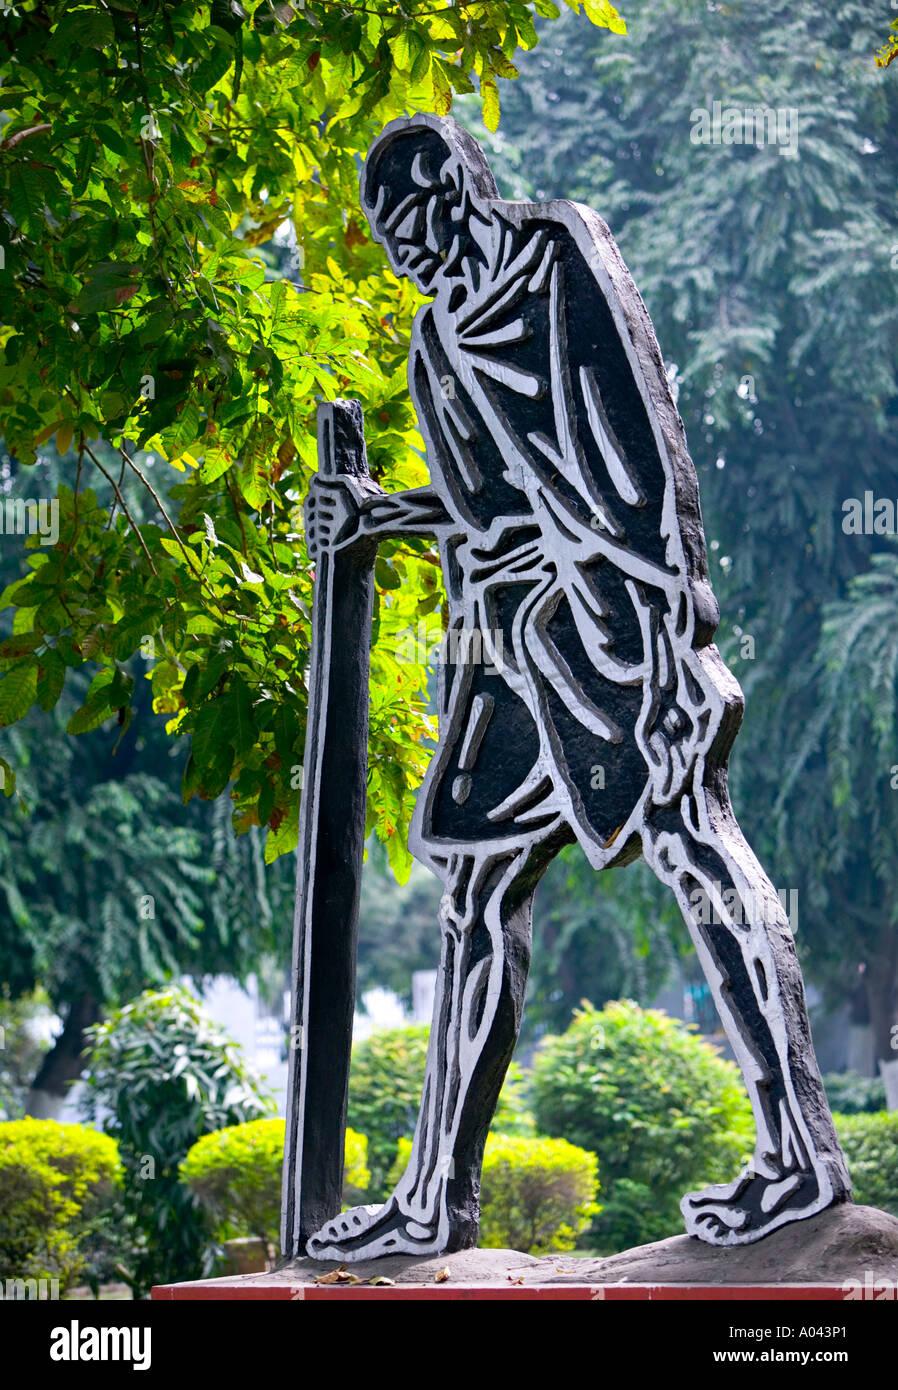 Gandhi Statue, Gandhi Memorial Museum, Delhi, India - Stock Image